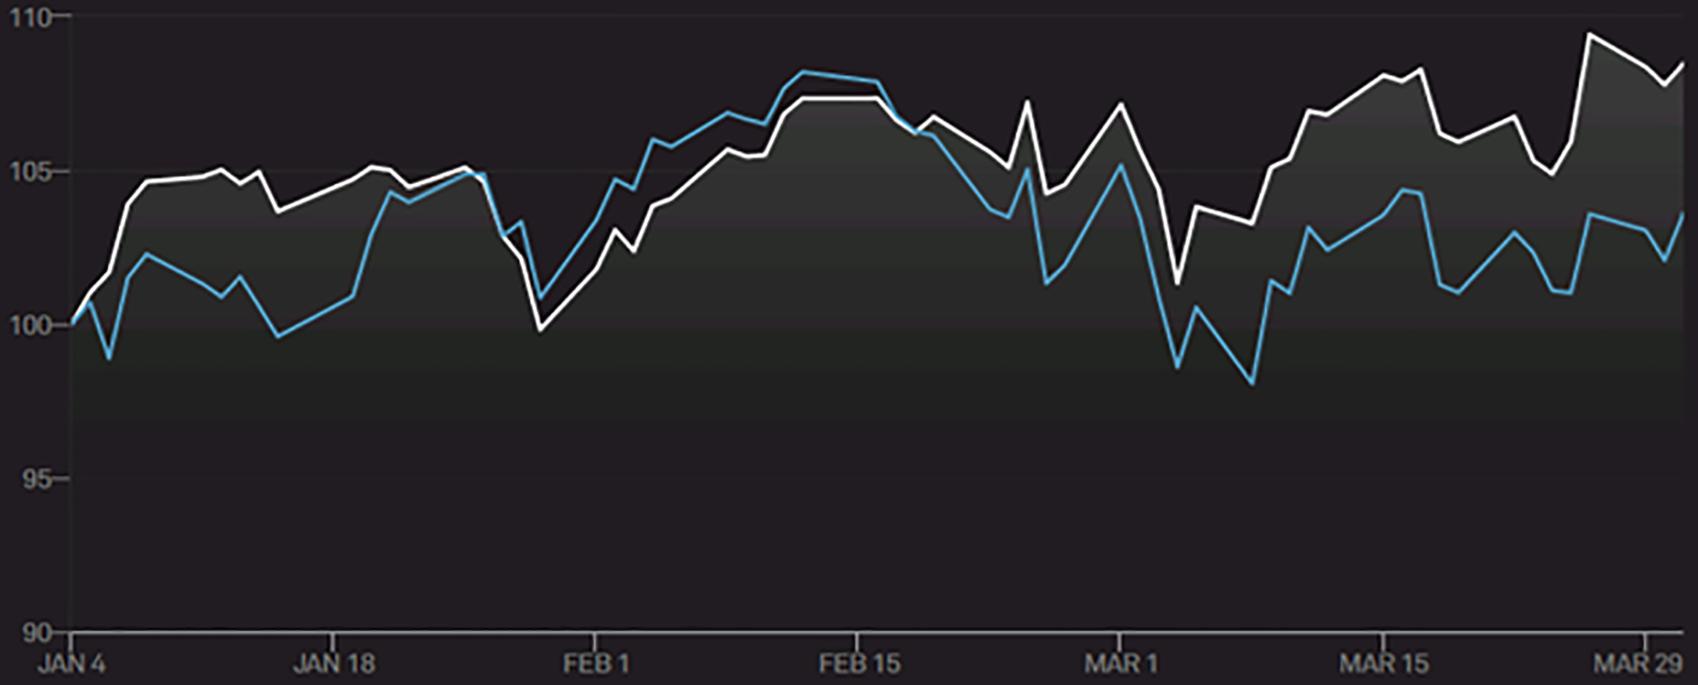 Von wegen Nasdaq-Korrektur: Dividendenerhöhender Techaktien-Index ist auf Rekordjagd – wir stellen die besten Aktien vor